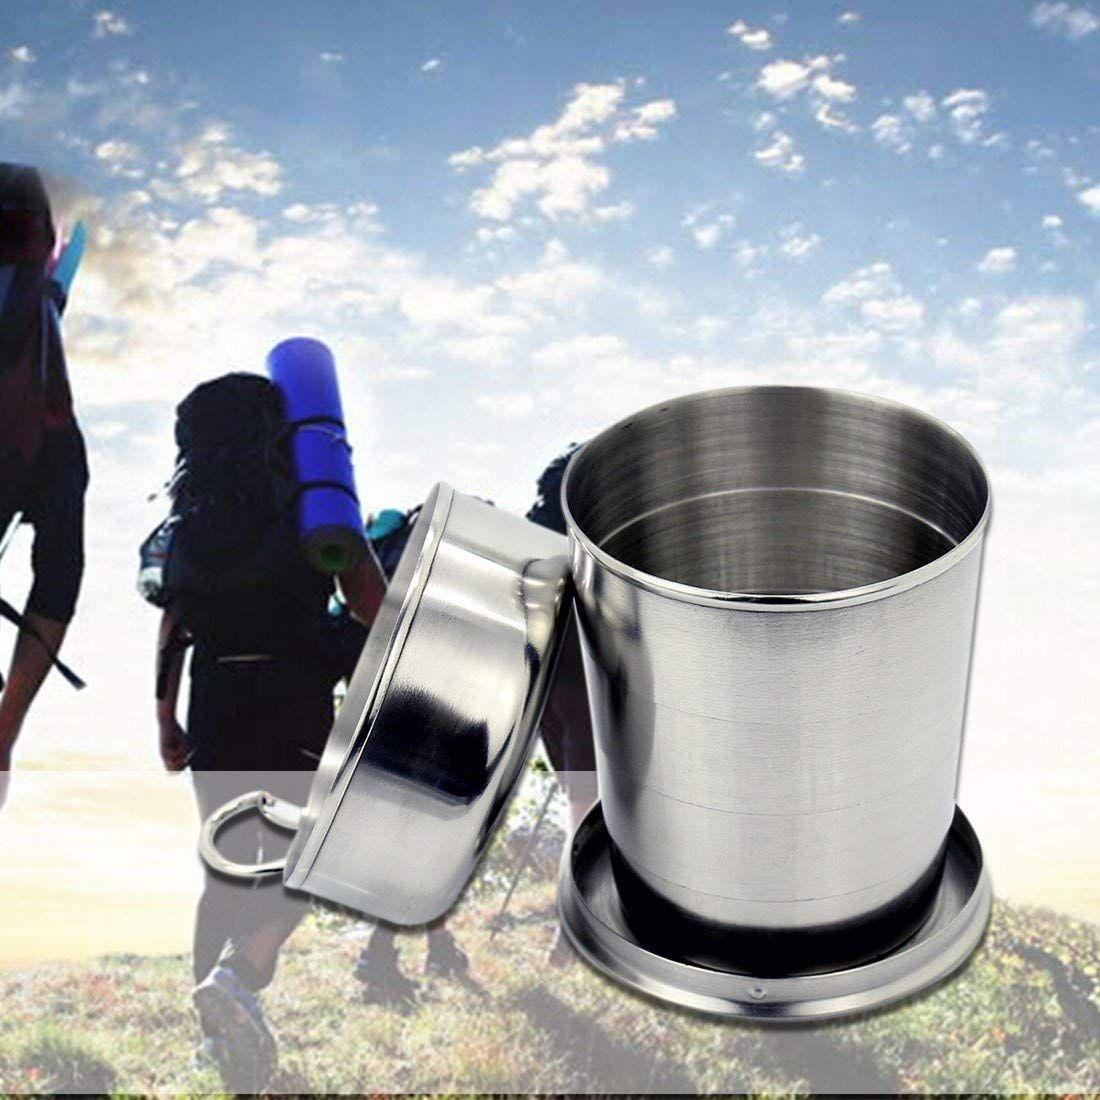 Botella nuevo acero inoxidable plegable que acampa viajar al aire libre que acampa yendo plegable portátil con llave plegable de cristal